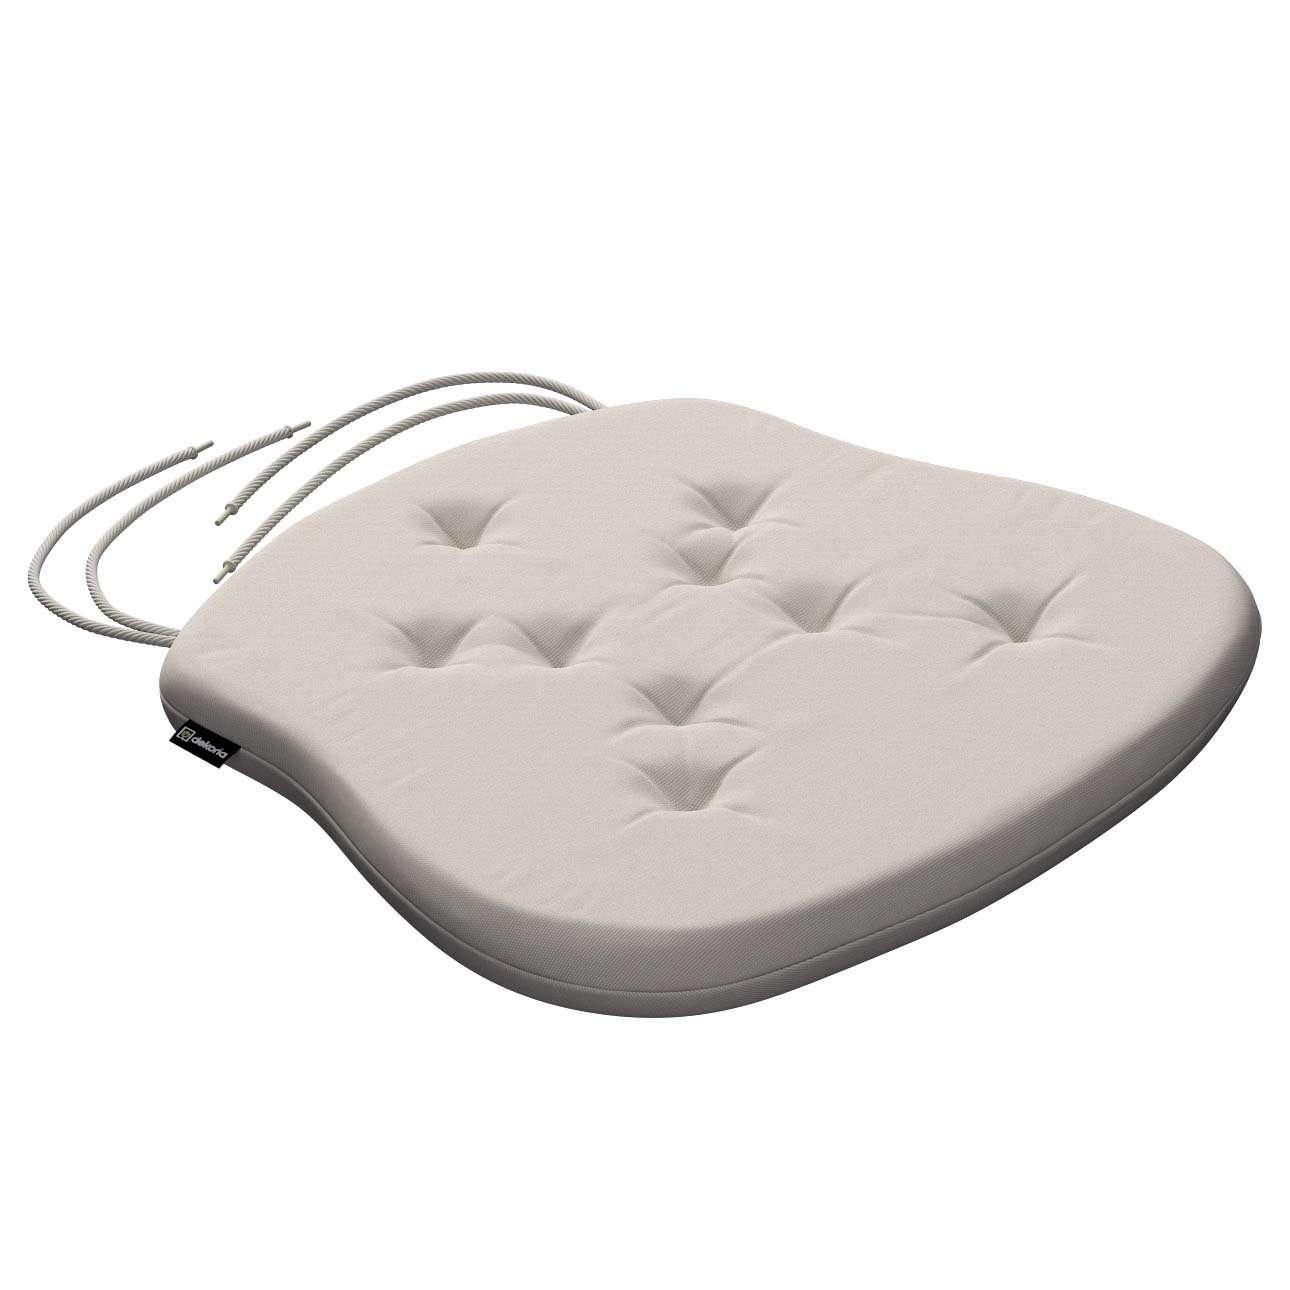 Siedzisko Filip na krzesło 41x38x3,5 cm w kolekcji Cotton Panama, tkanina: 702-31